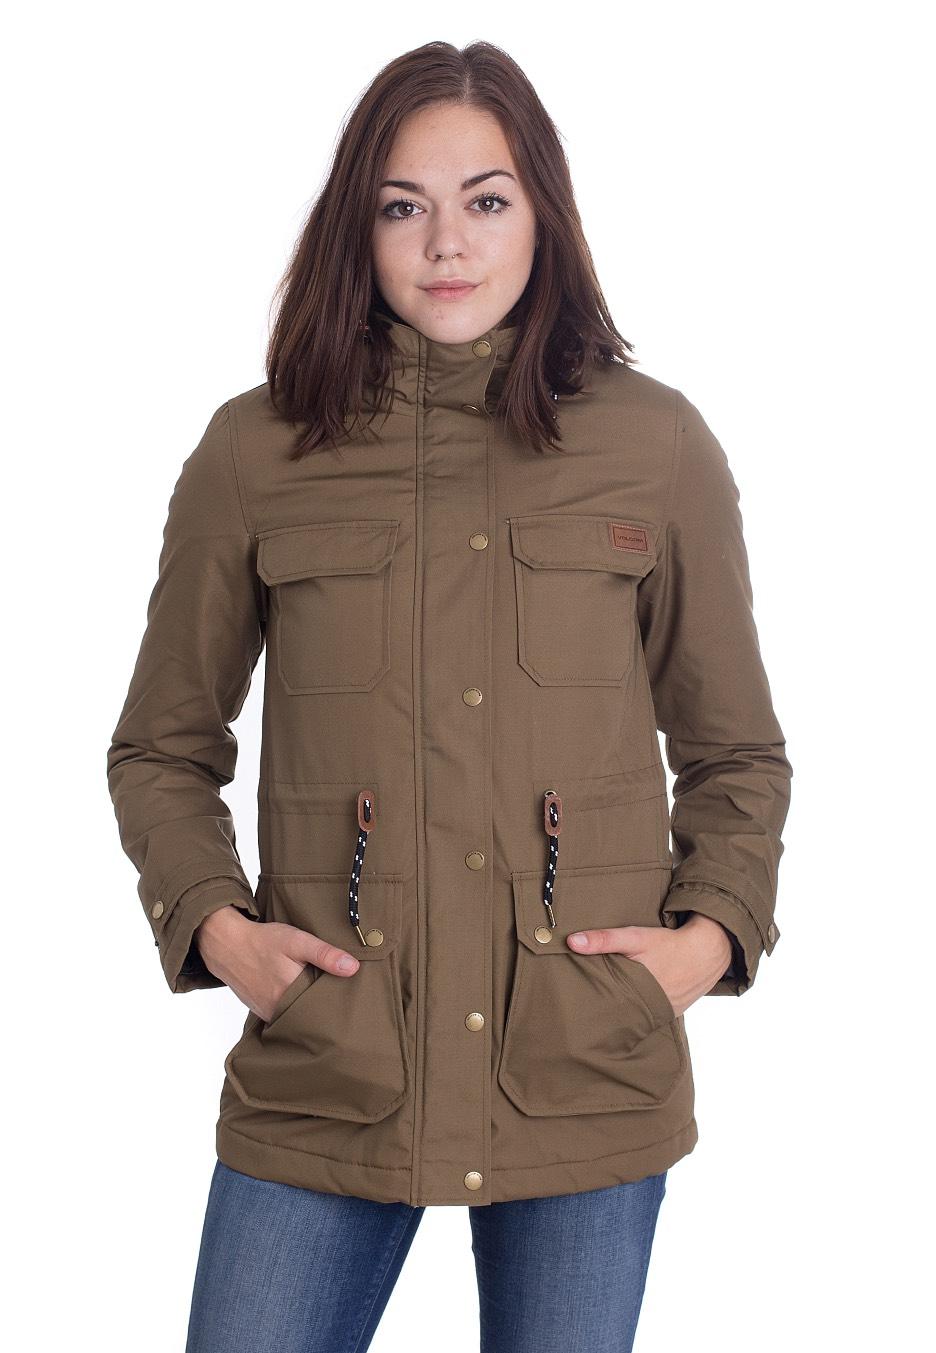 Jacken für Frauen - Volcom Venson Olive Jacken  - Onlineshop IMPERICON